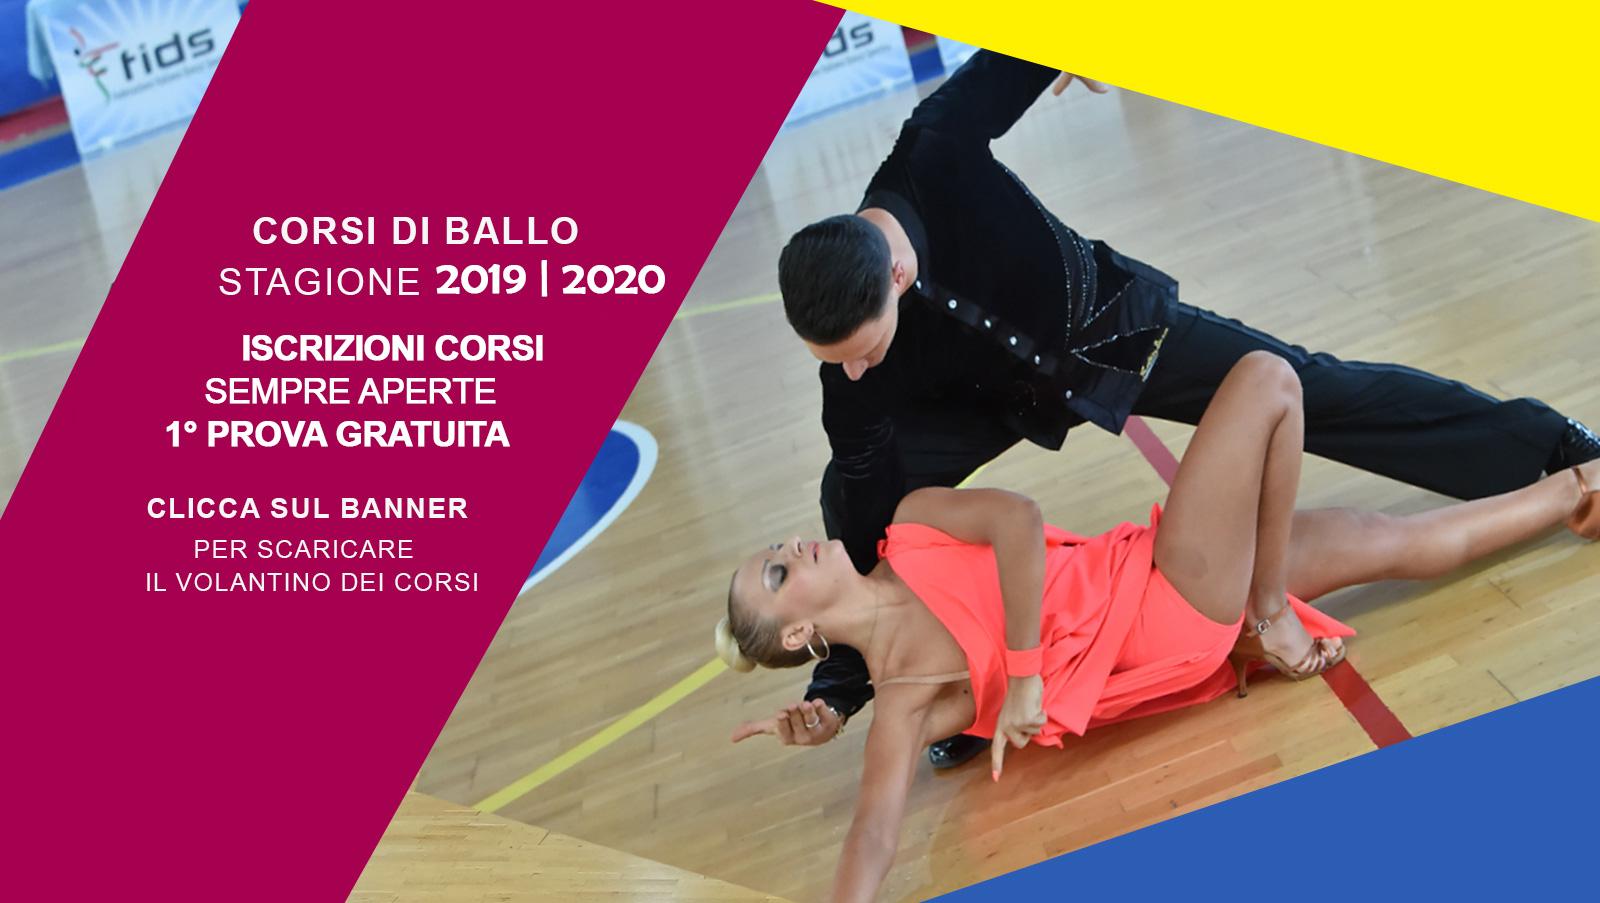 Corsi-di-ballo-dance-dance-dance-2019-2020